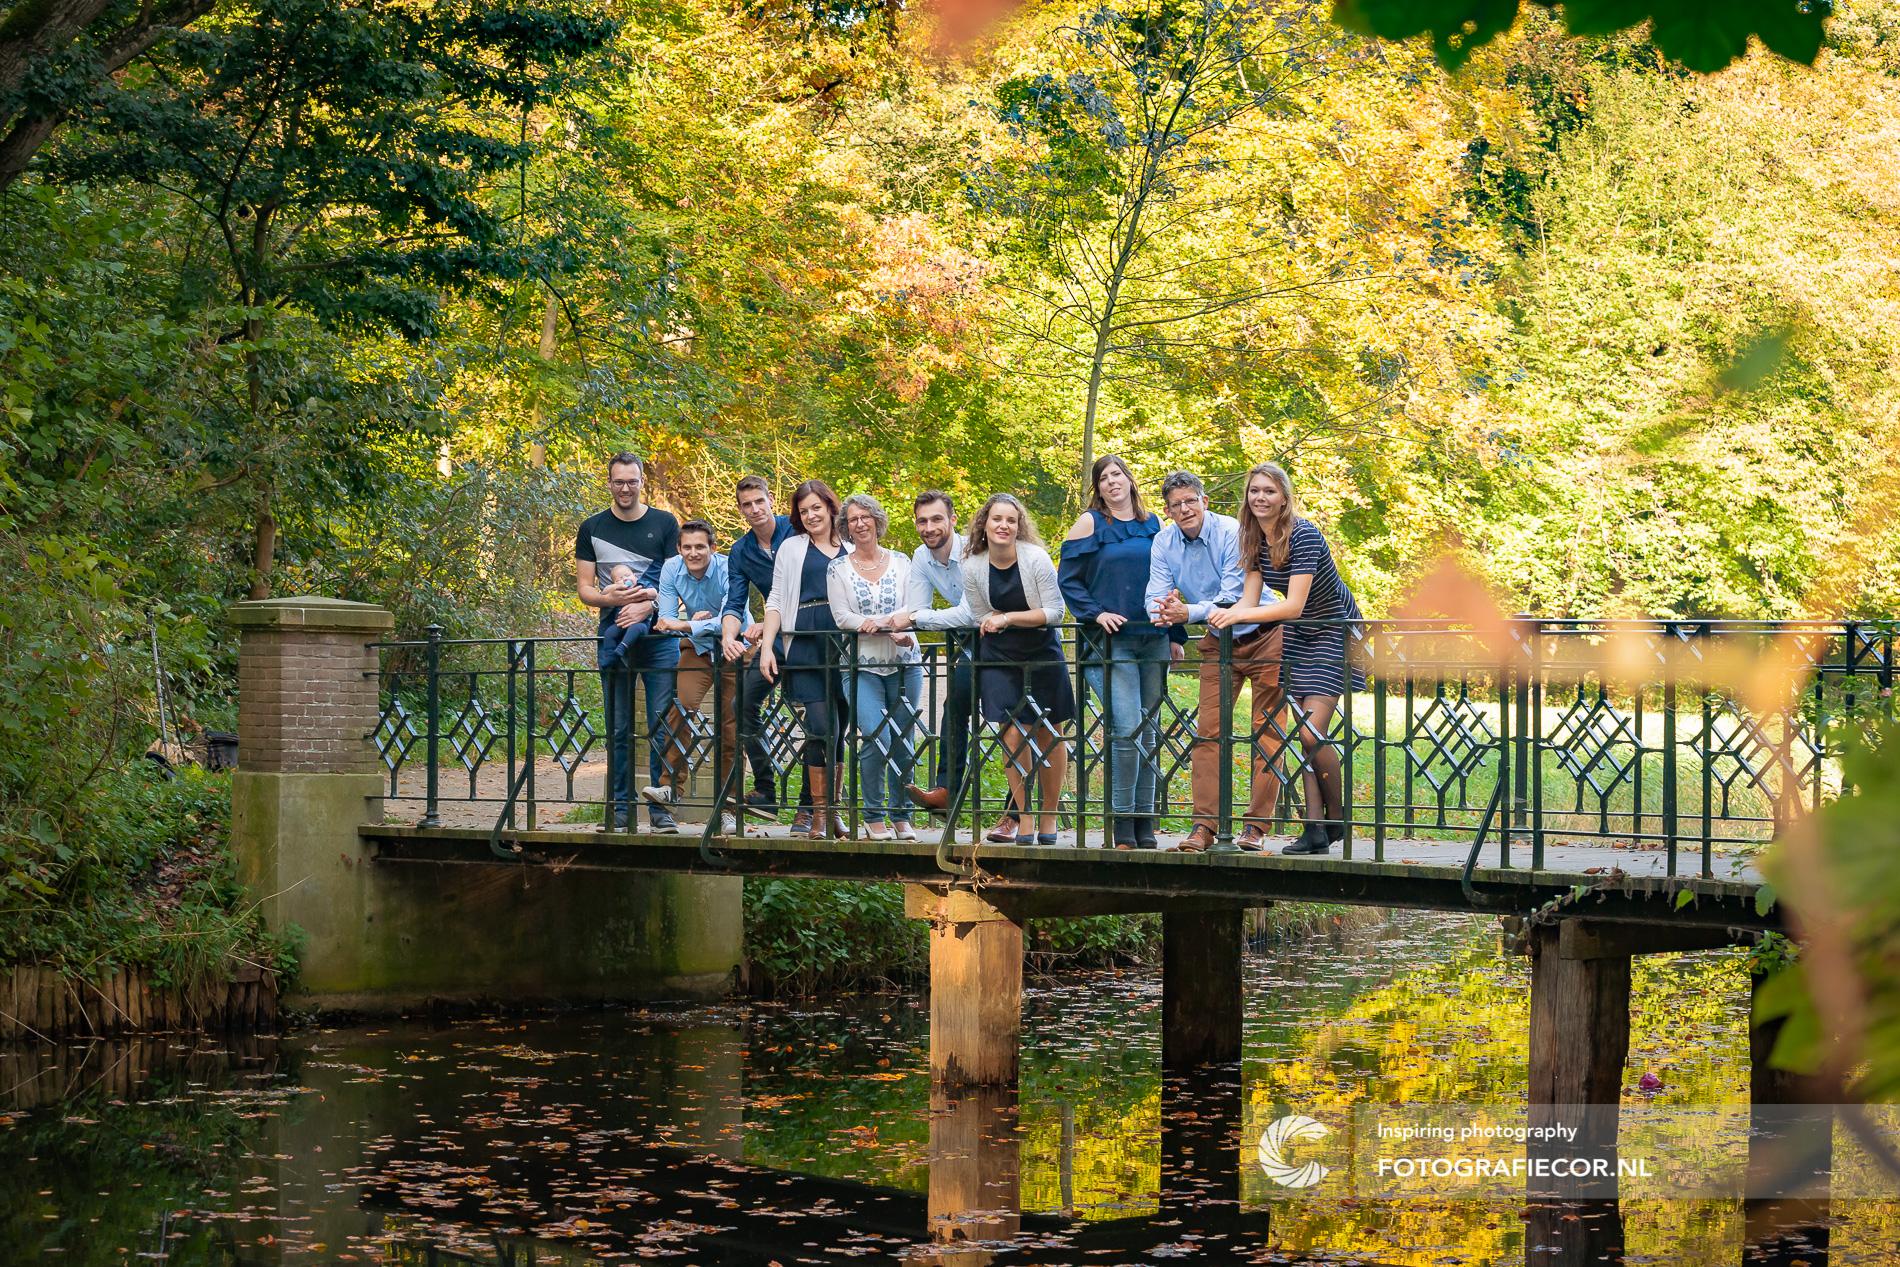 Familiefoto buiten maken in het Engelse werk | Fotografiecor nl